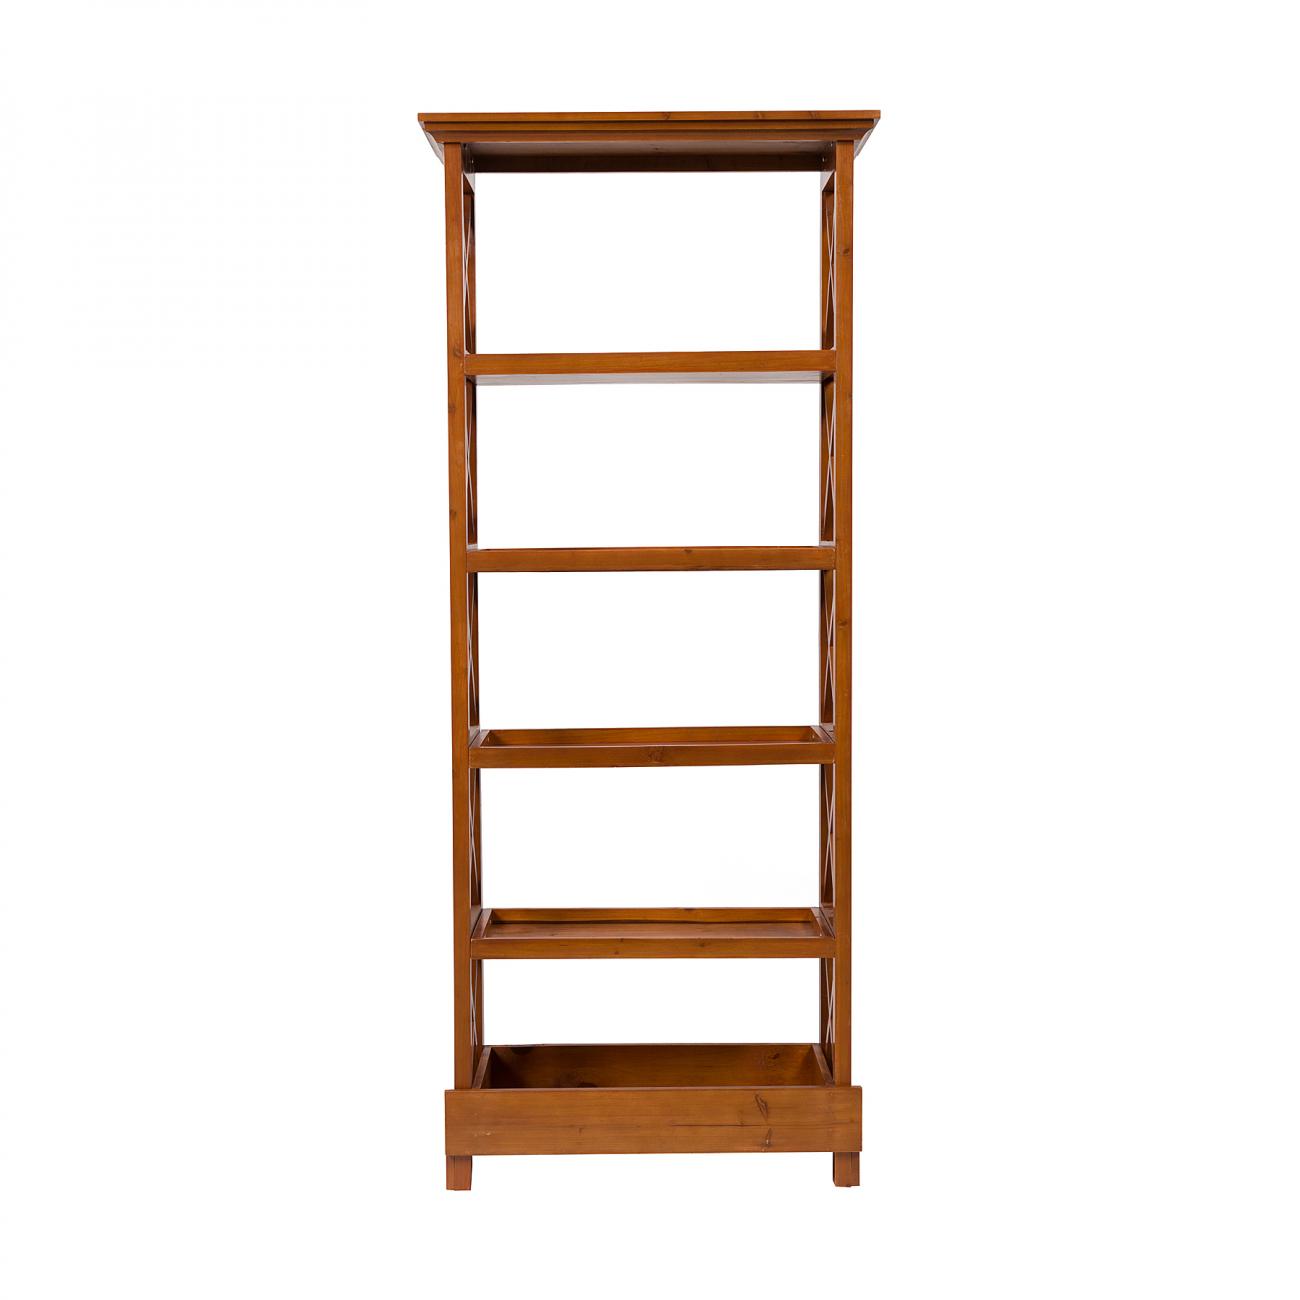 Купить Стеллаж Duvetto в интернет магазине дизайнерской мебели и аксессуаров для дома и дачи